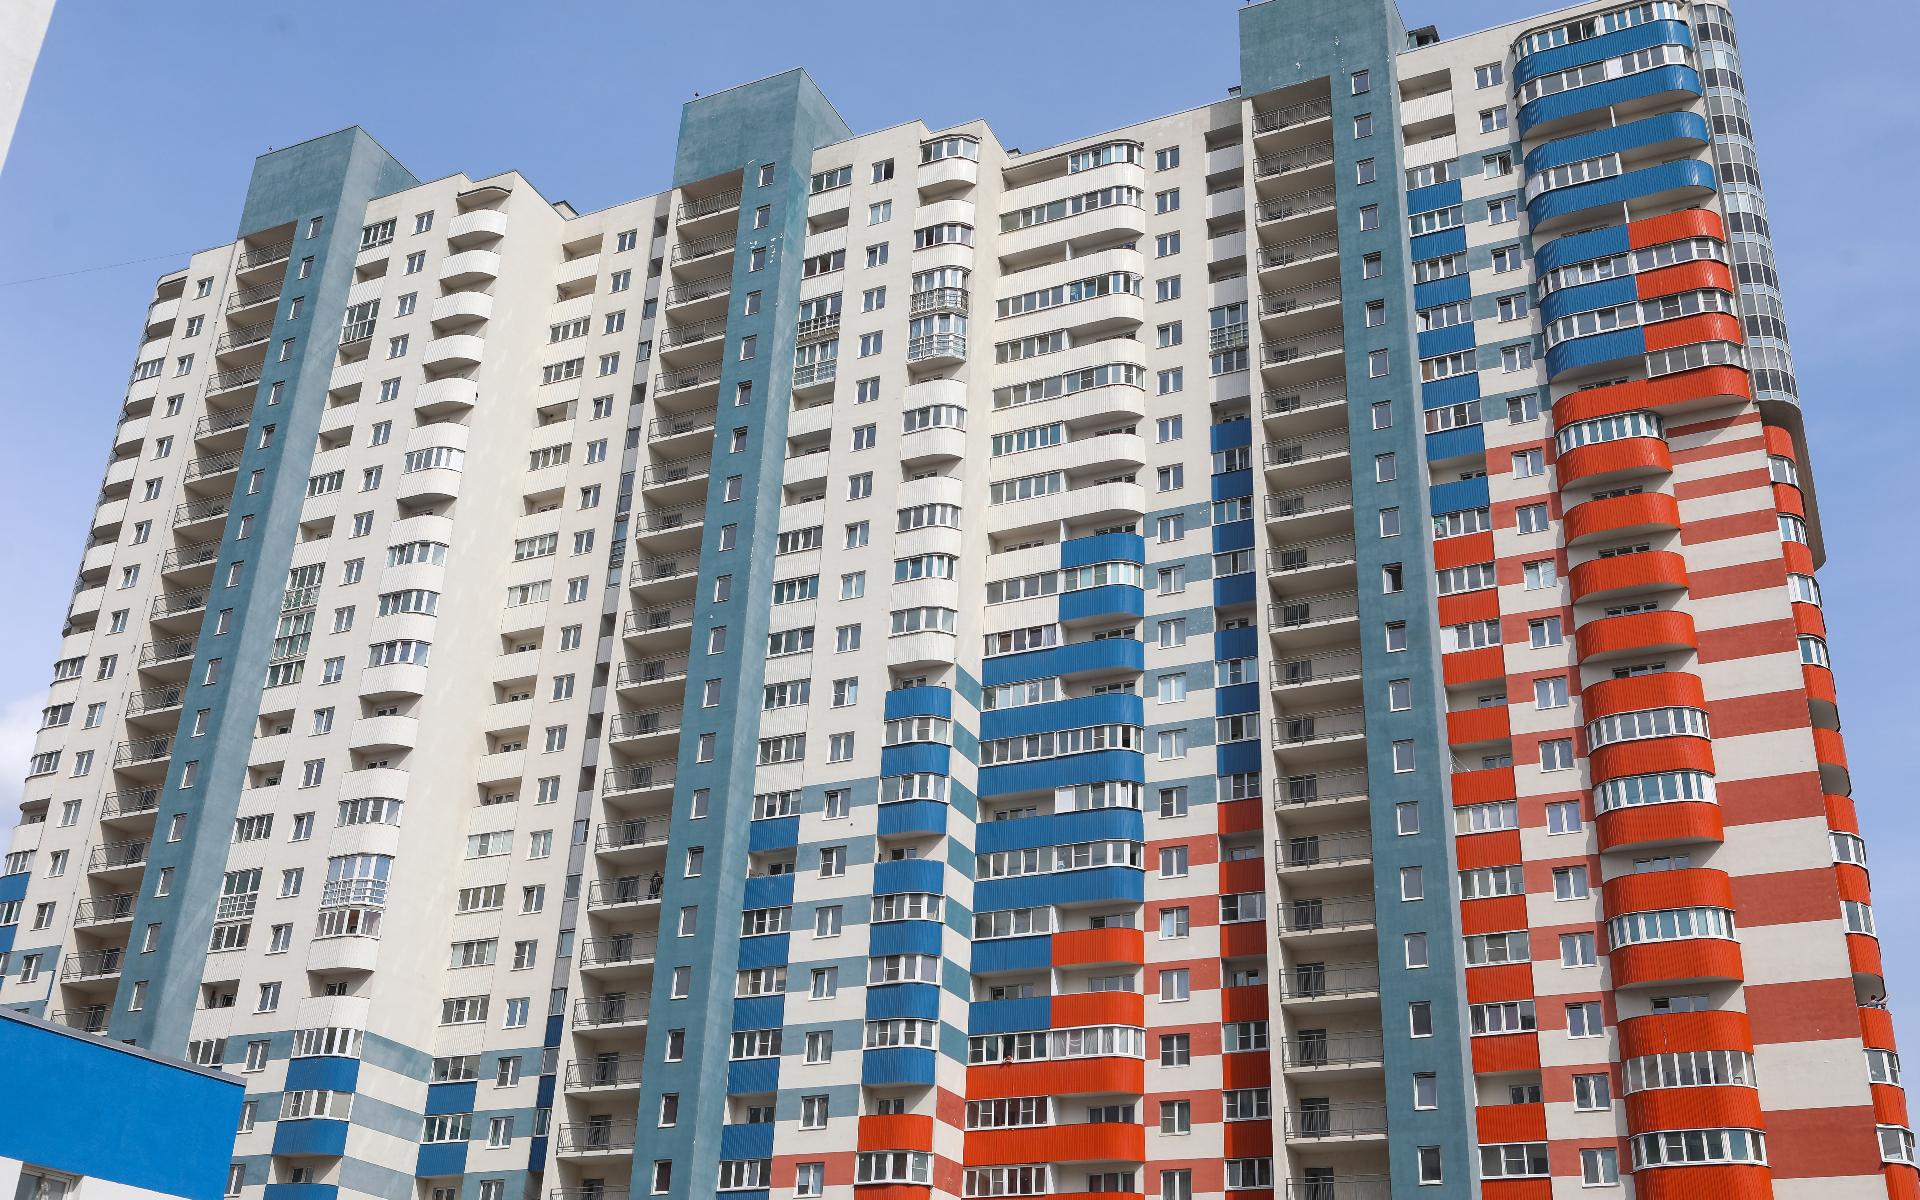 Двухкомнатные квартиры в московских новостройках пользуются популярностью у покупателей